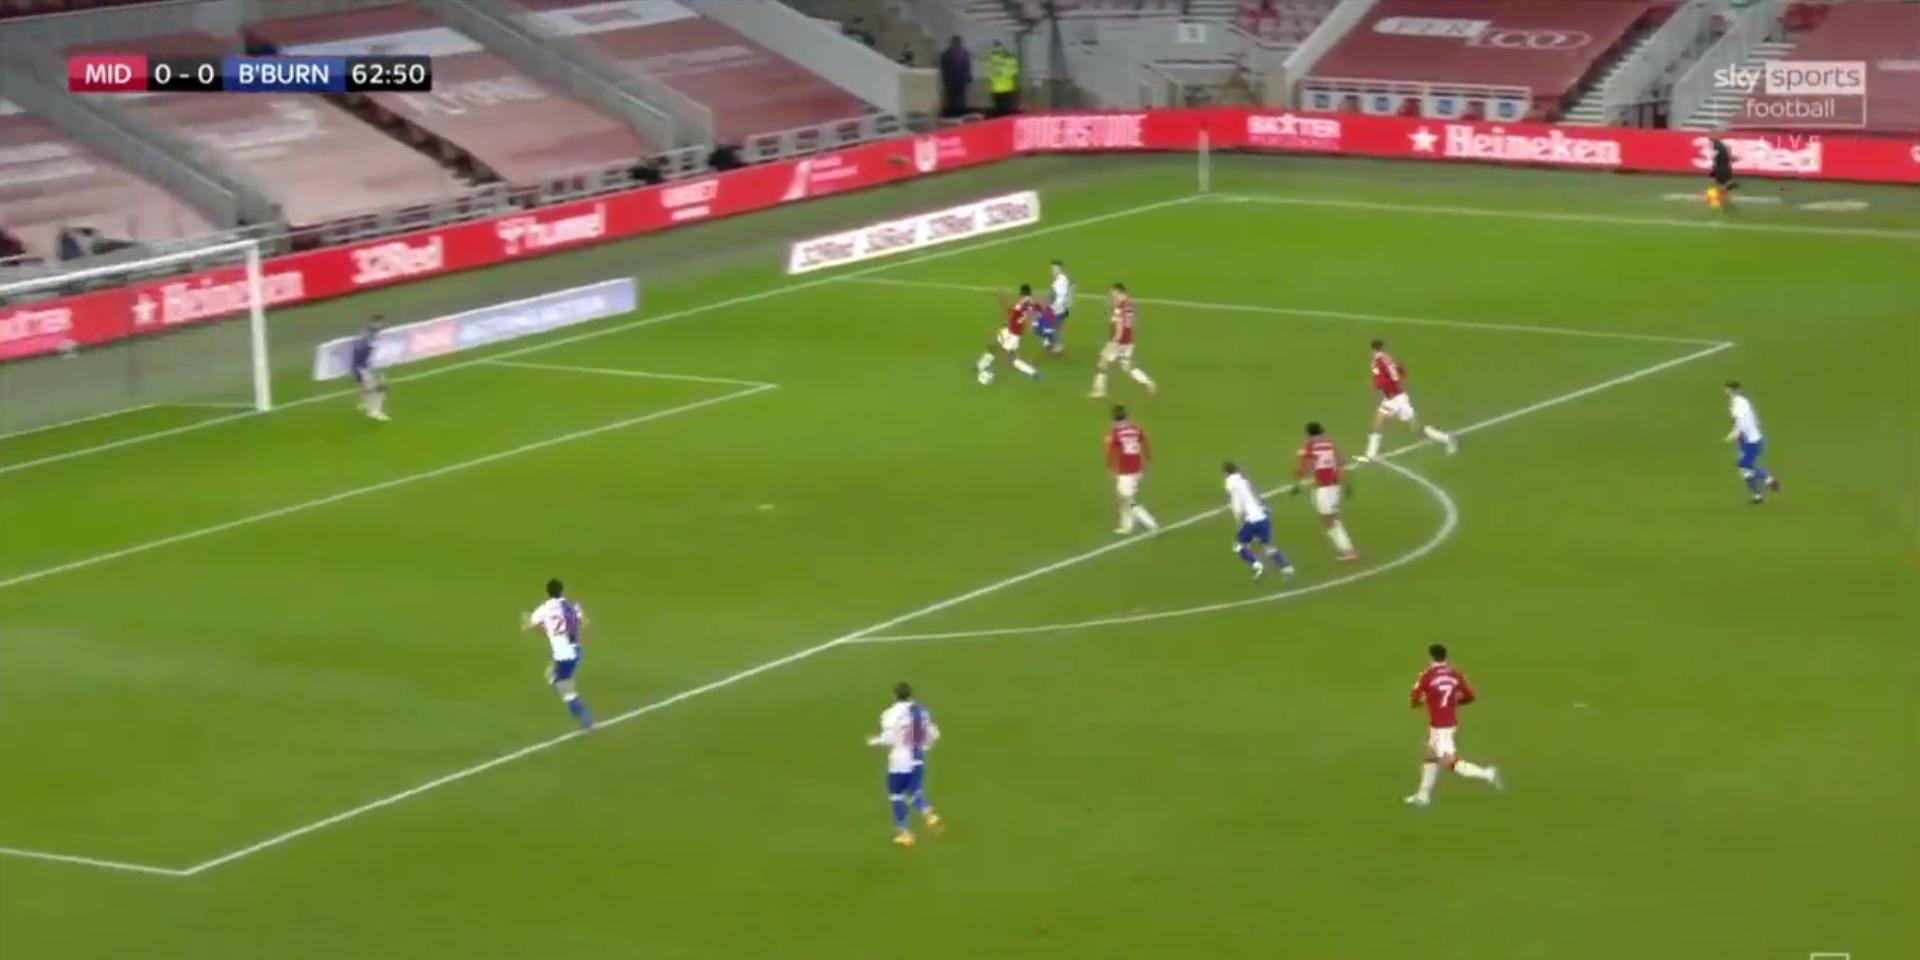 (Video) Harvey Elliott bags lovely nutmeg assist for crucial Blackburn goal